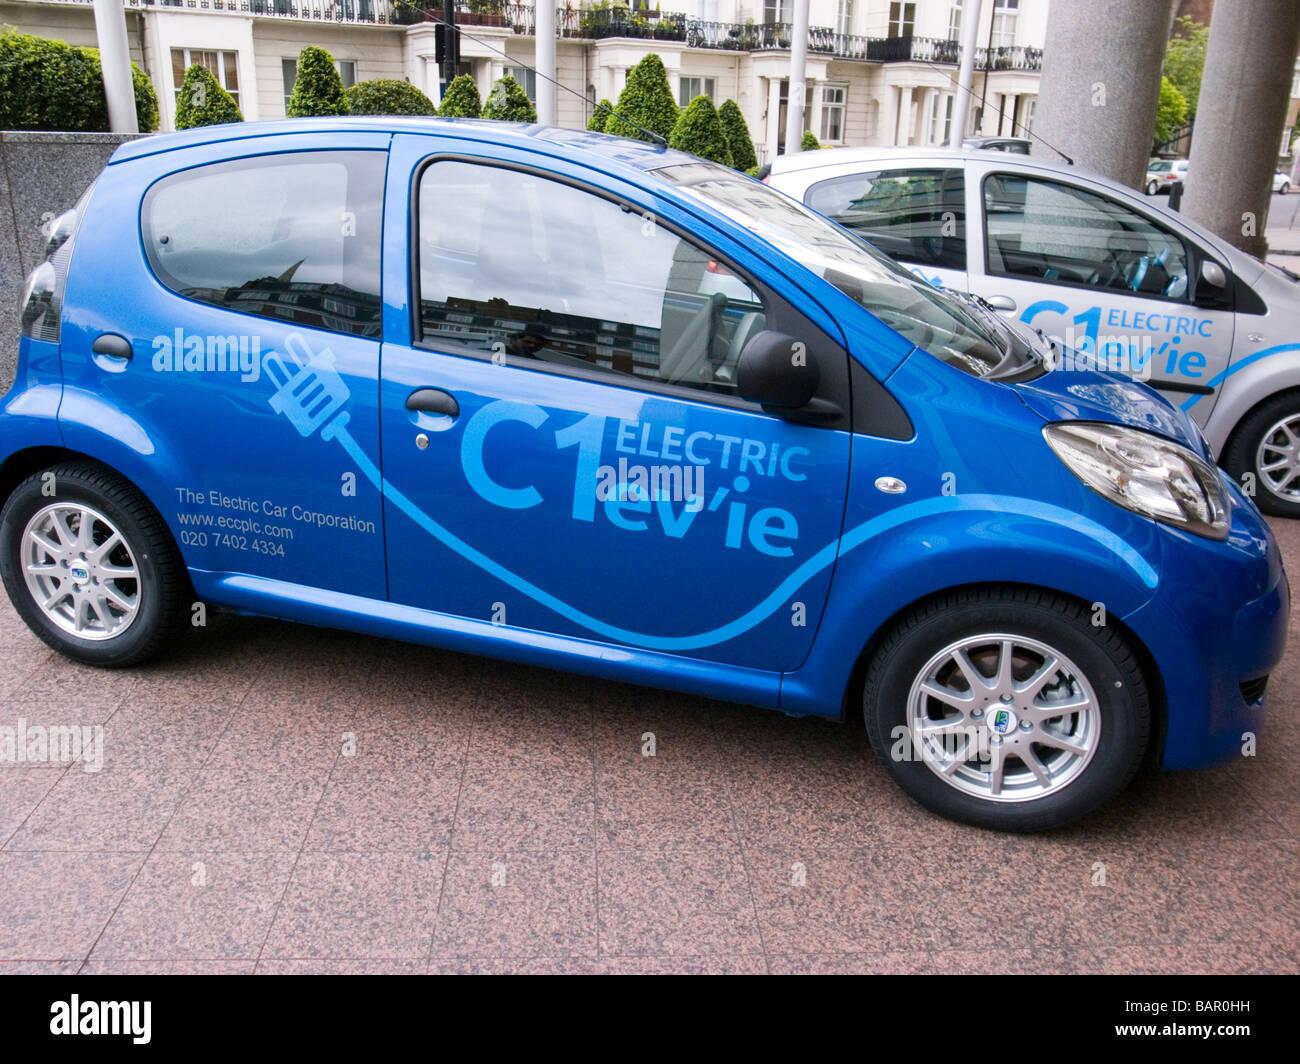 C1 ev'ie voiture électrique basée sur la Citroën C1 de la société de voiture électrique, Photo Stock